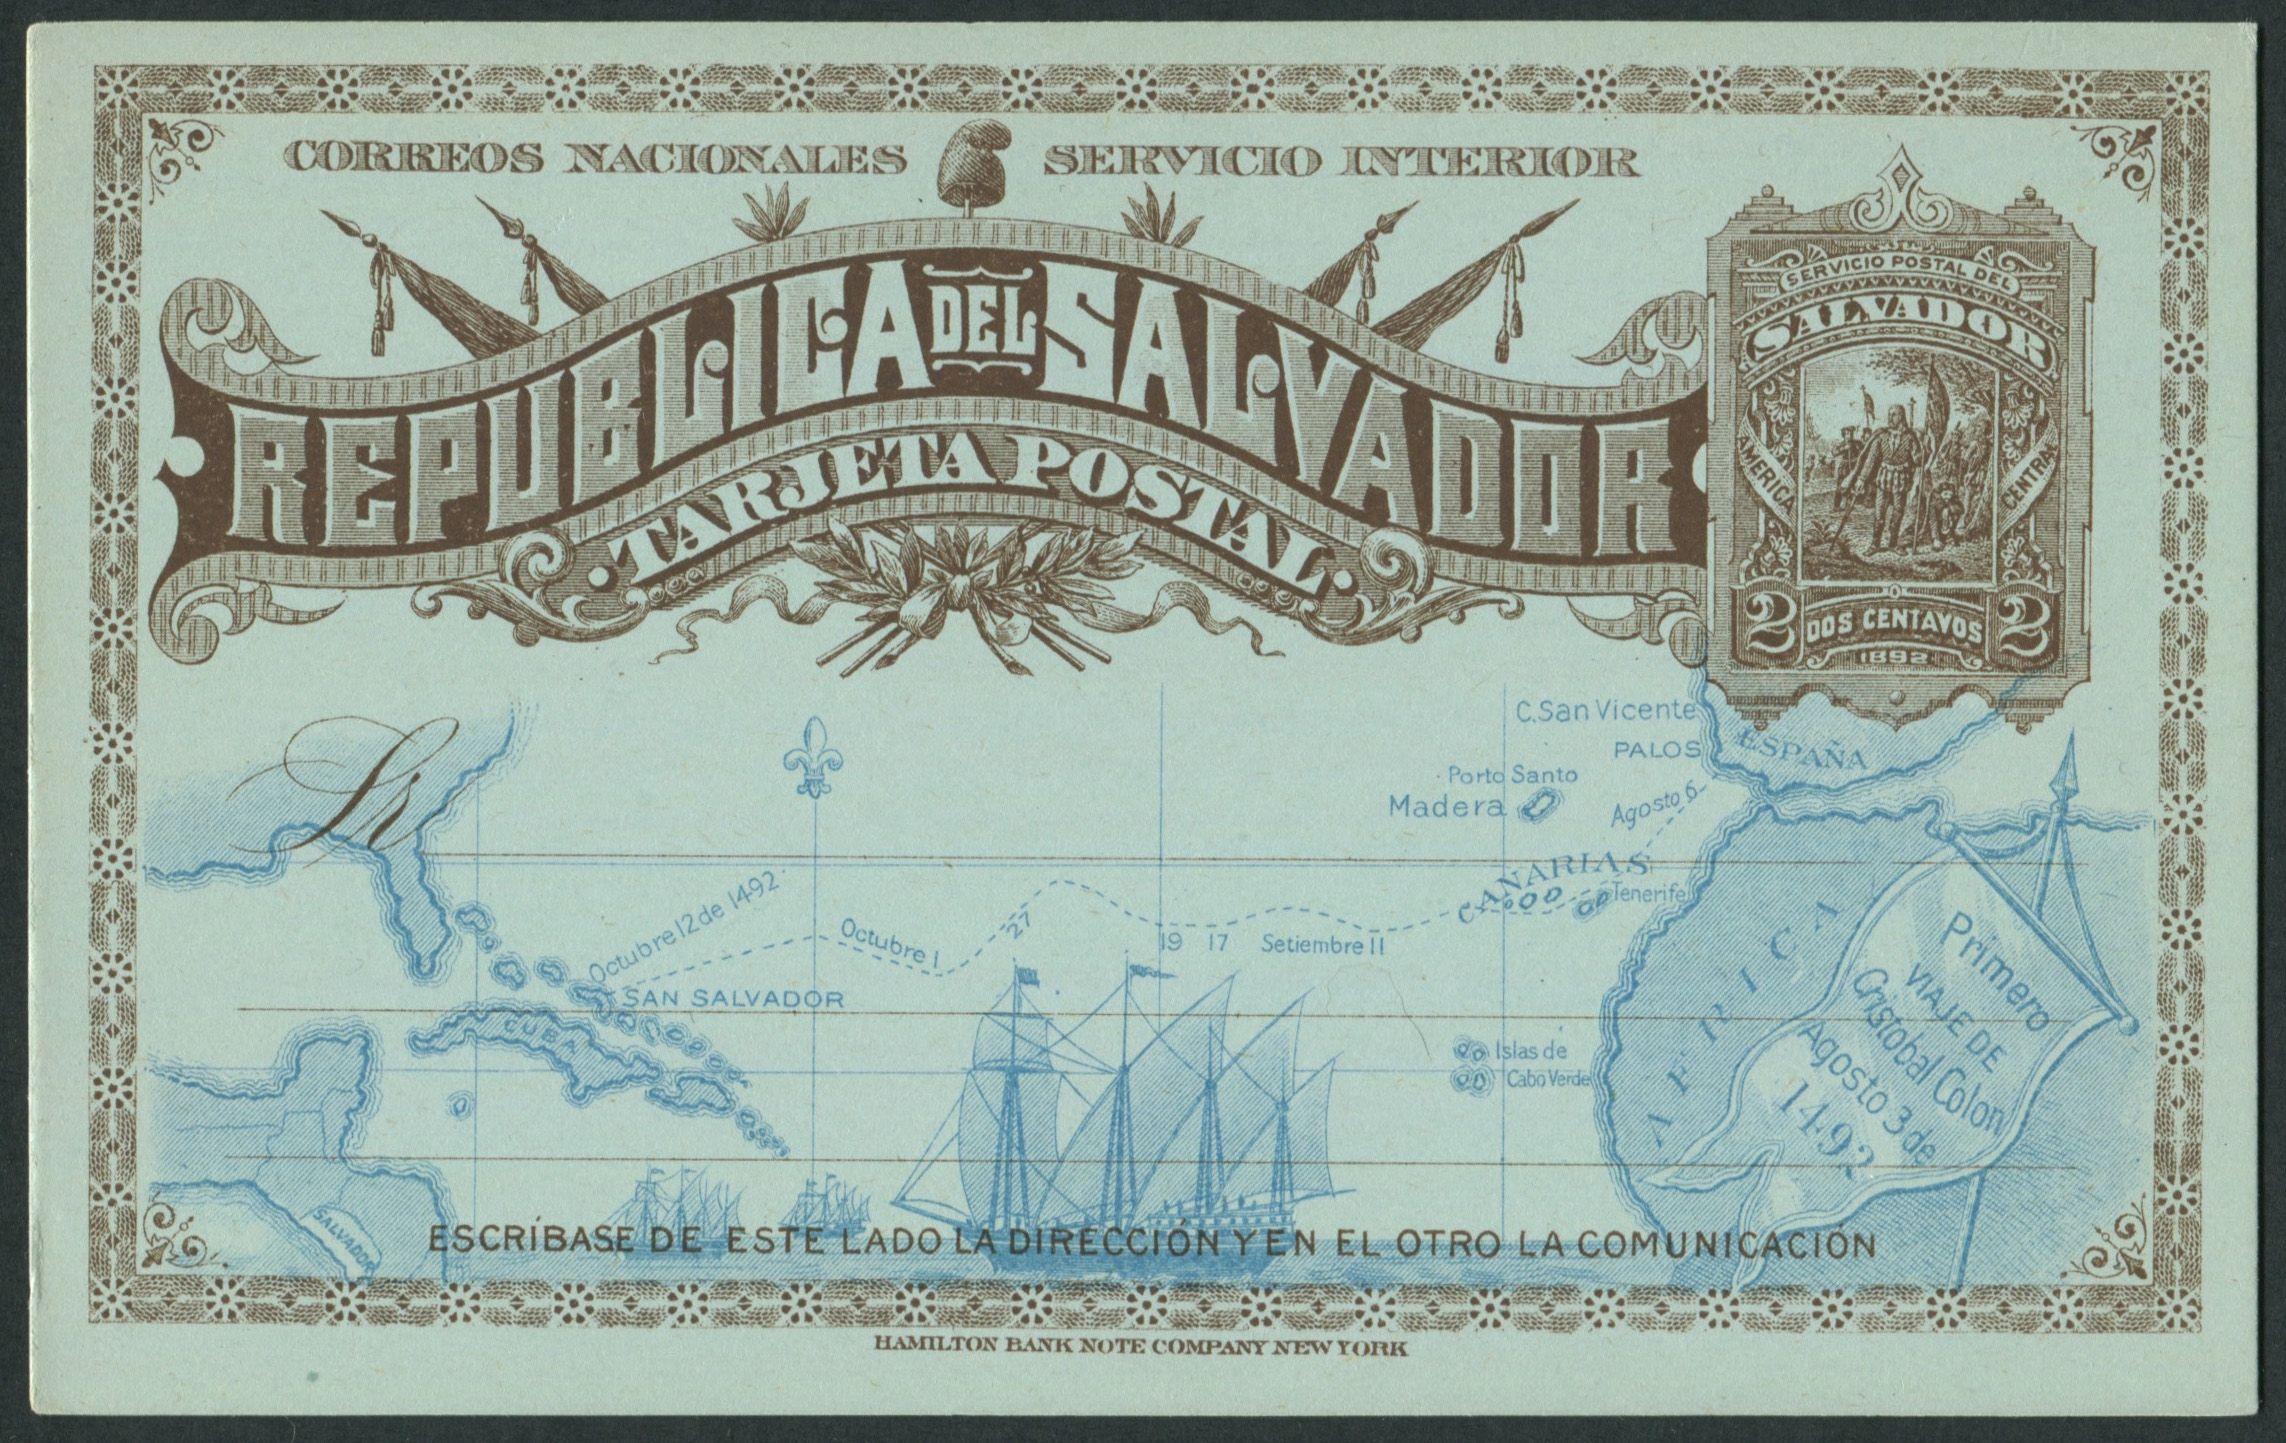 El Salvador 1892 Postal Card Higgins u0026